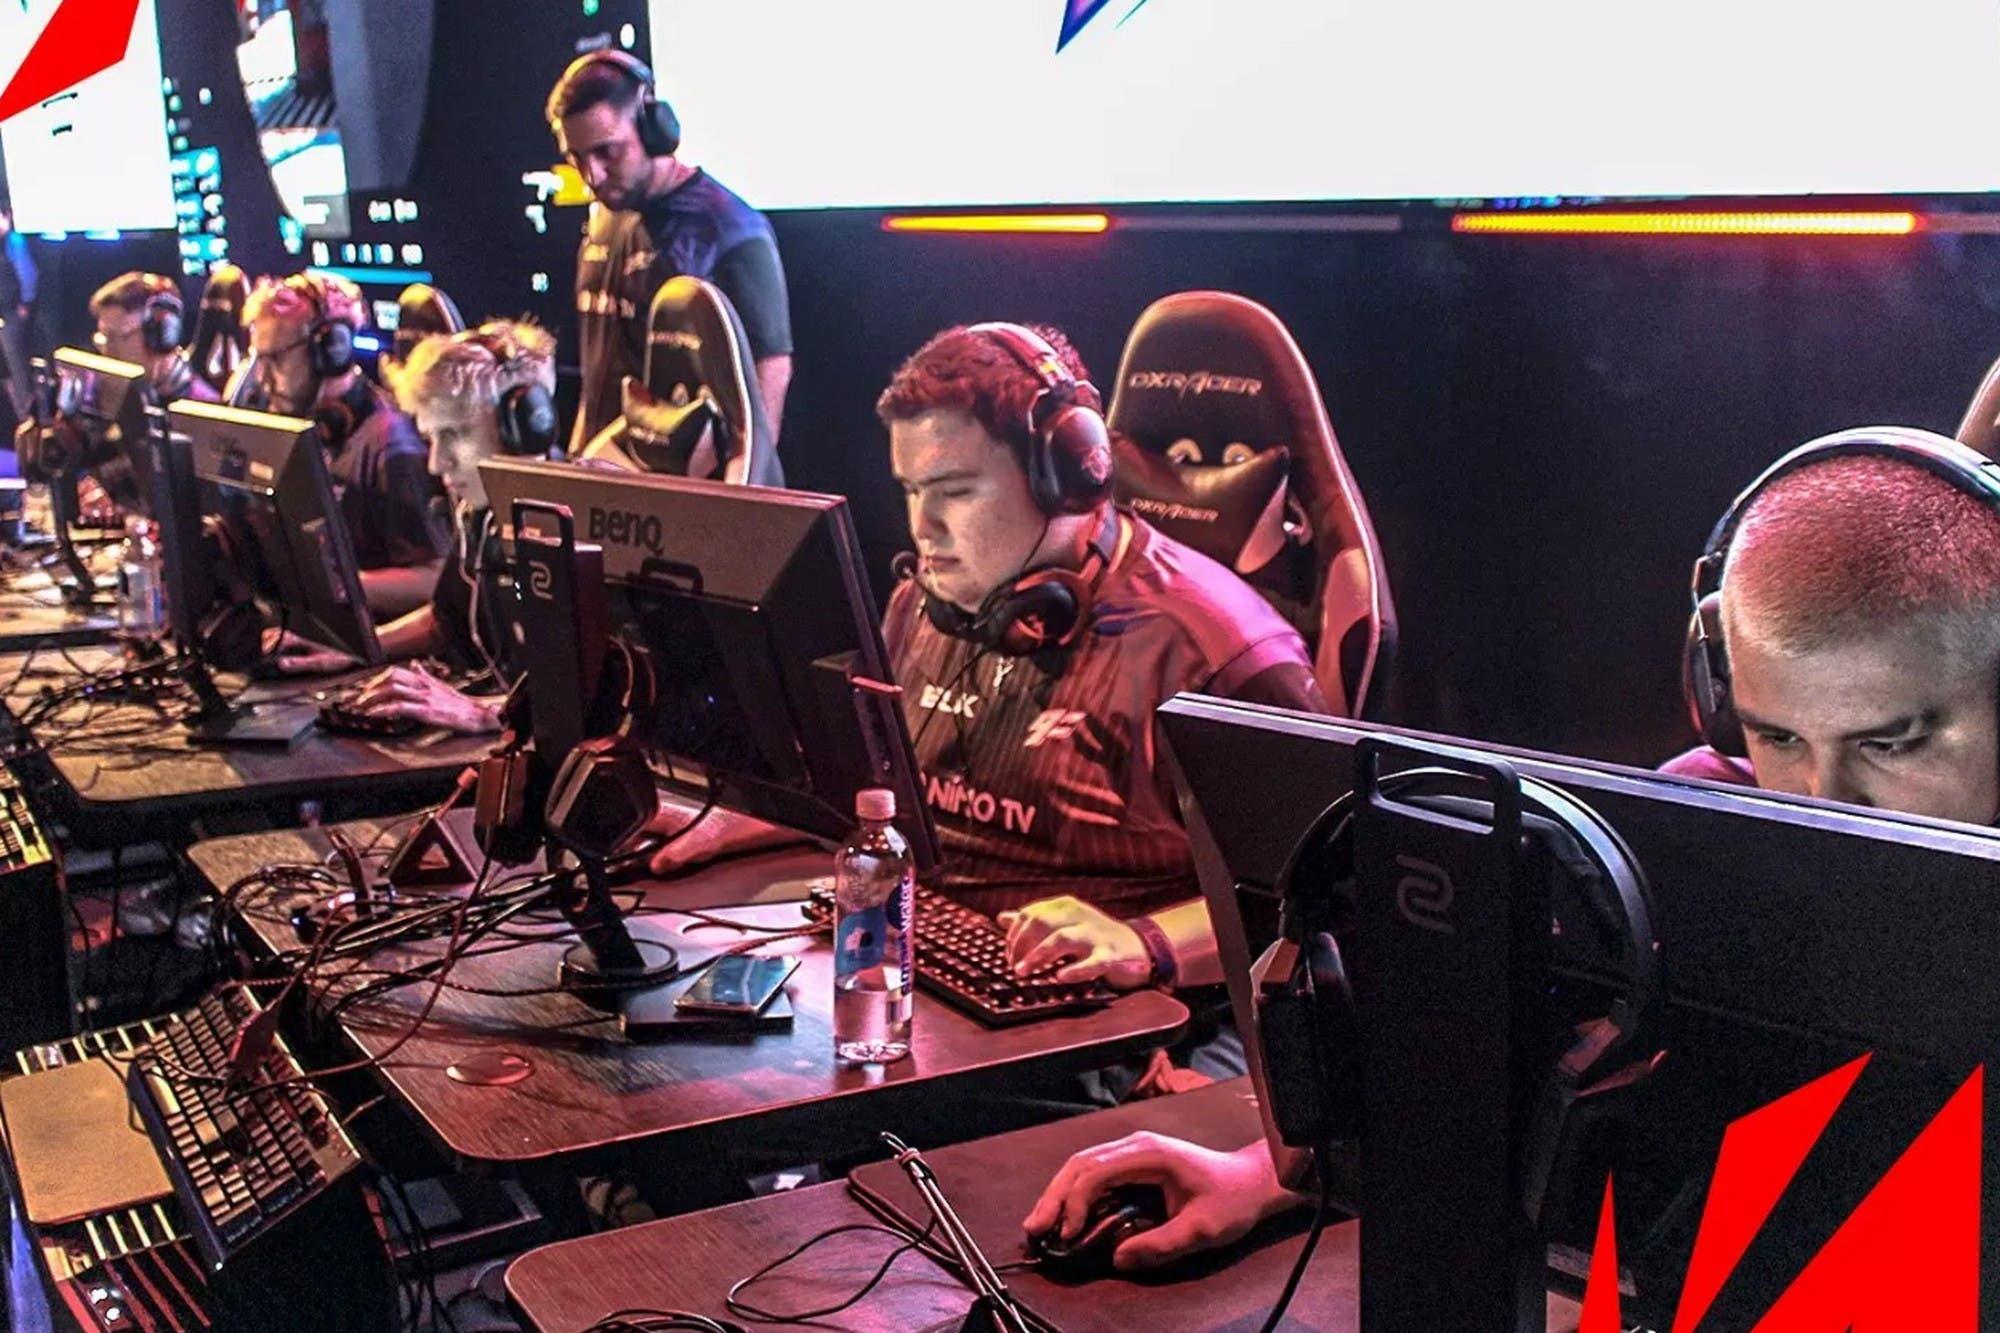 Counter Strike: la Liga Pro reune a equipos de toda América latina en busca del mejor del continente